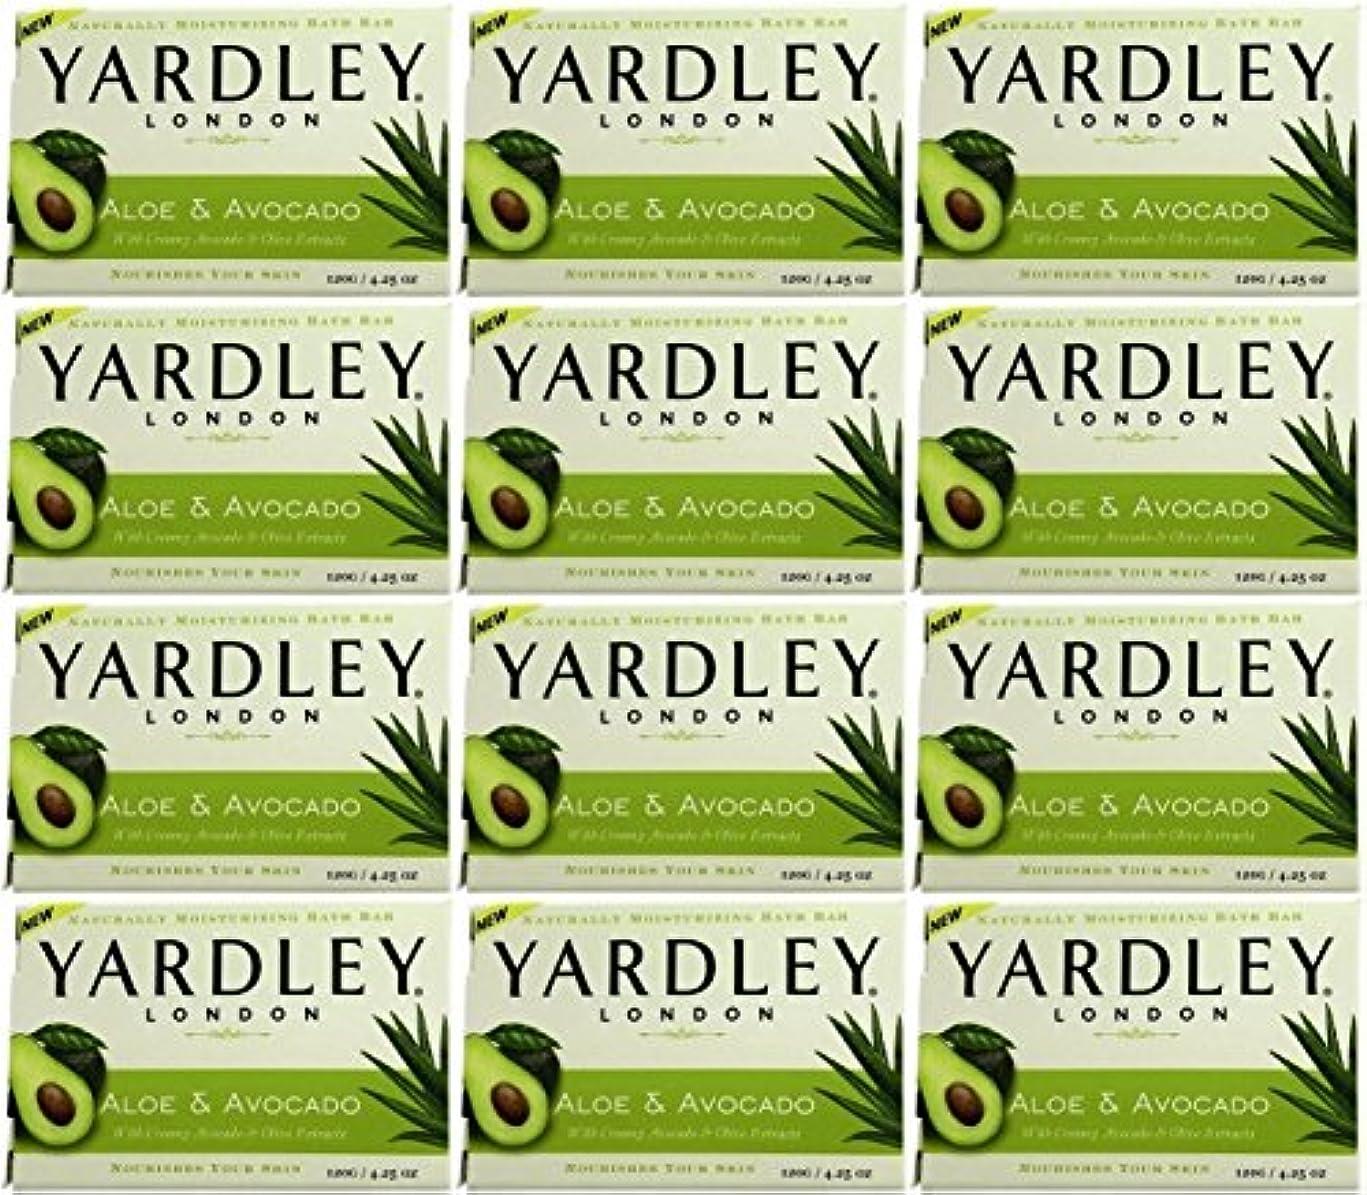 方法国民投票不確実Yardley ロンドンアロエアボカド当然のことながら保湿入浴バー4.25オズ(12パック) 12のパック ヌル